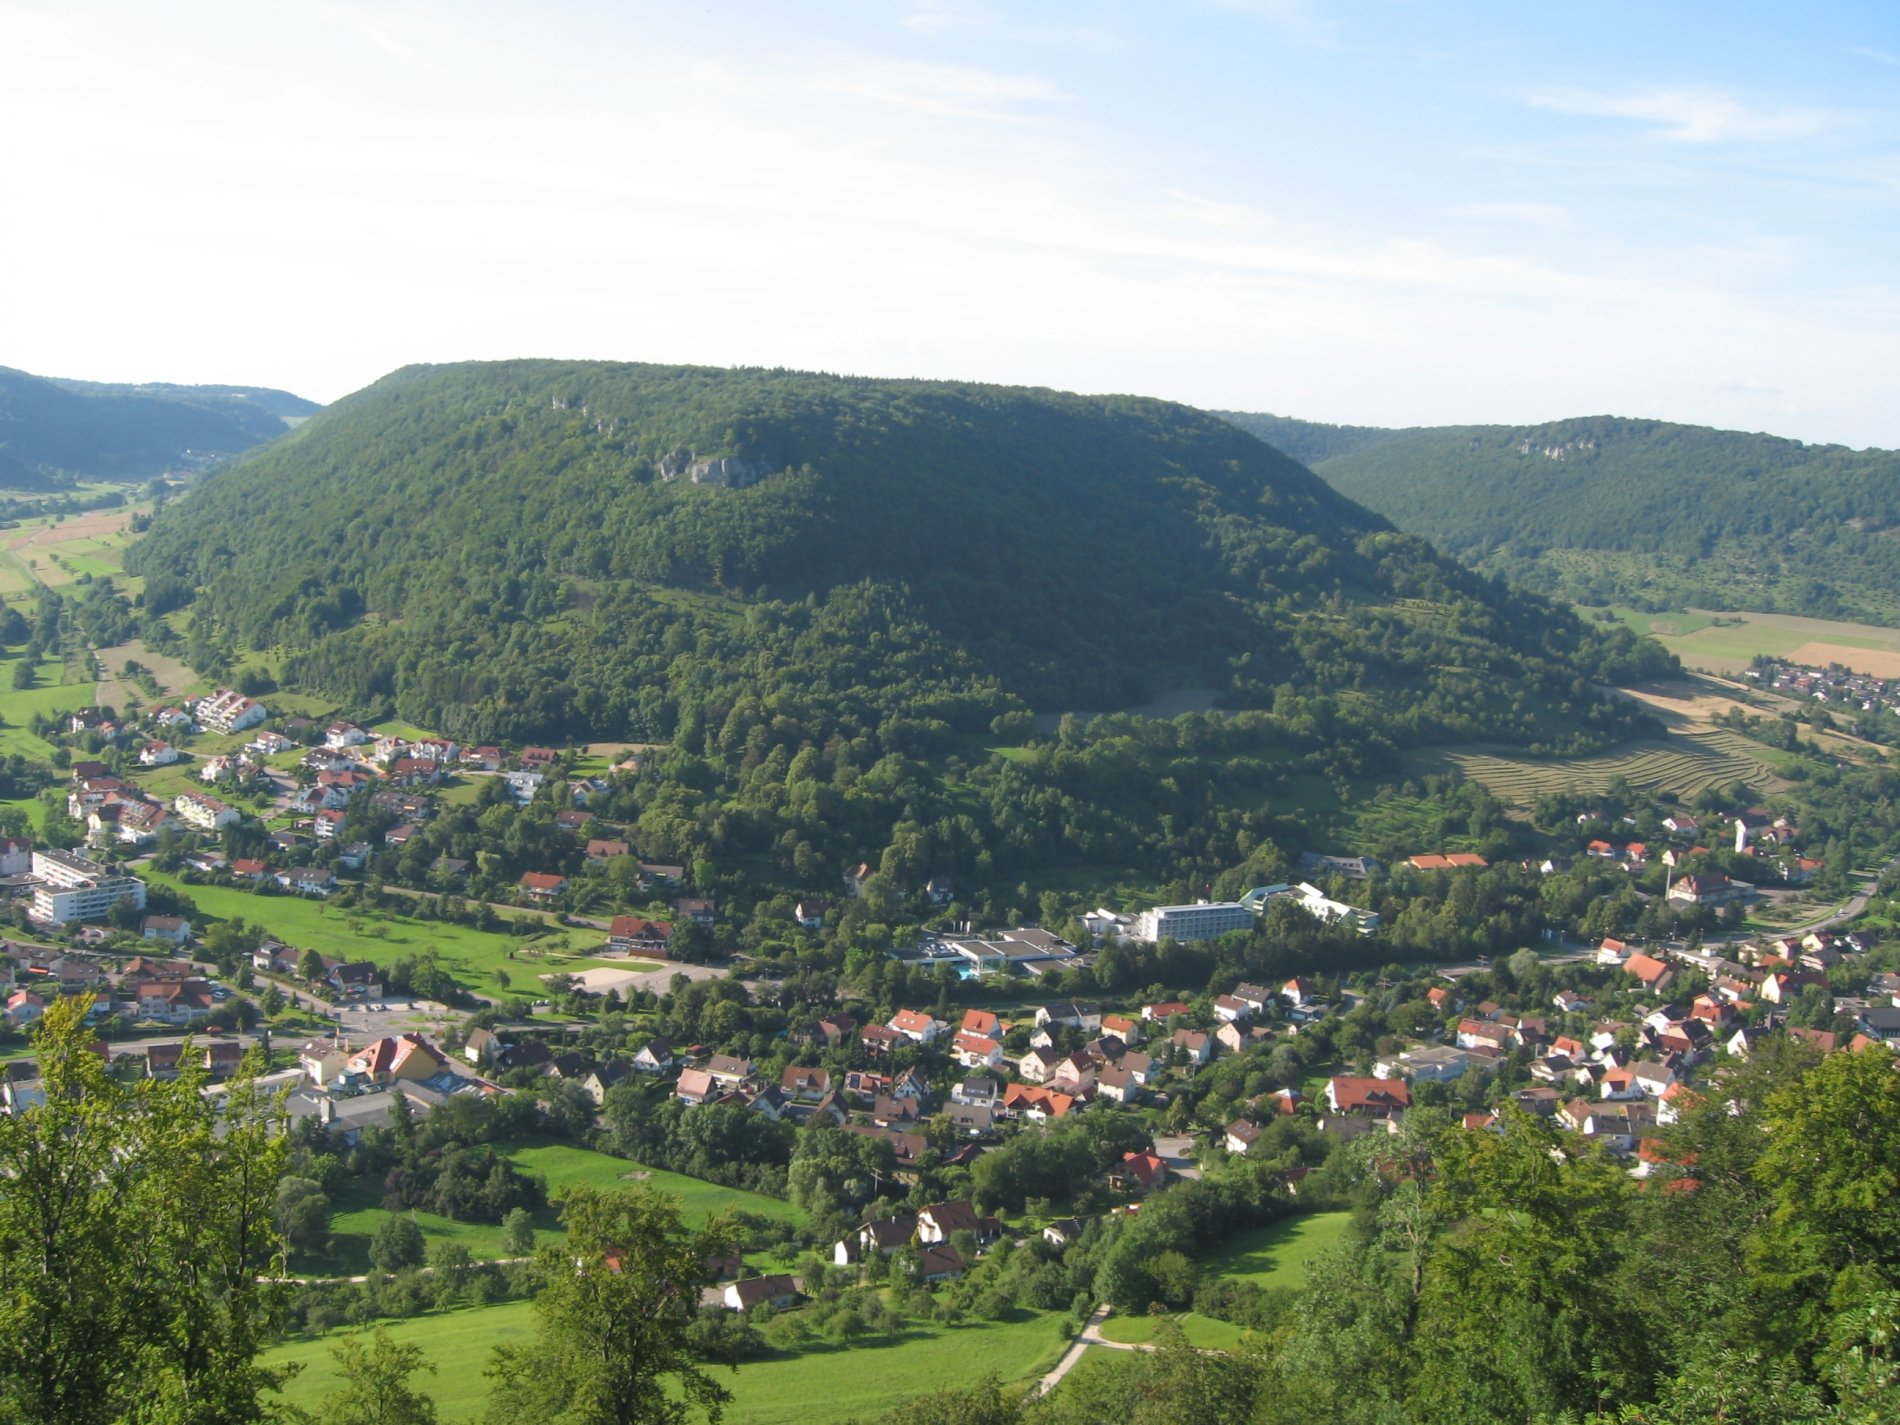 Luftaufnahme von Bad Ditzenbach